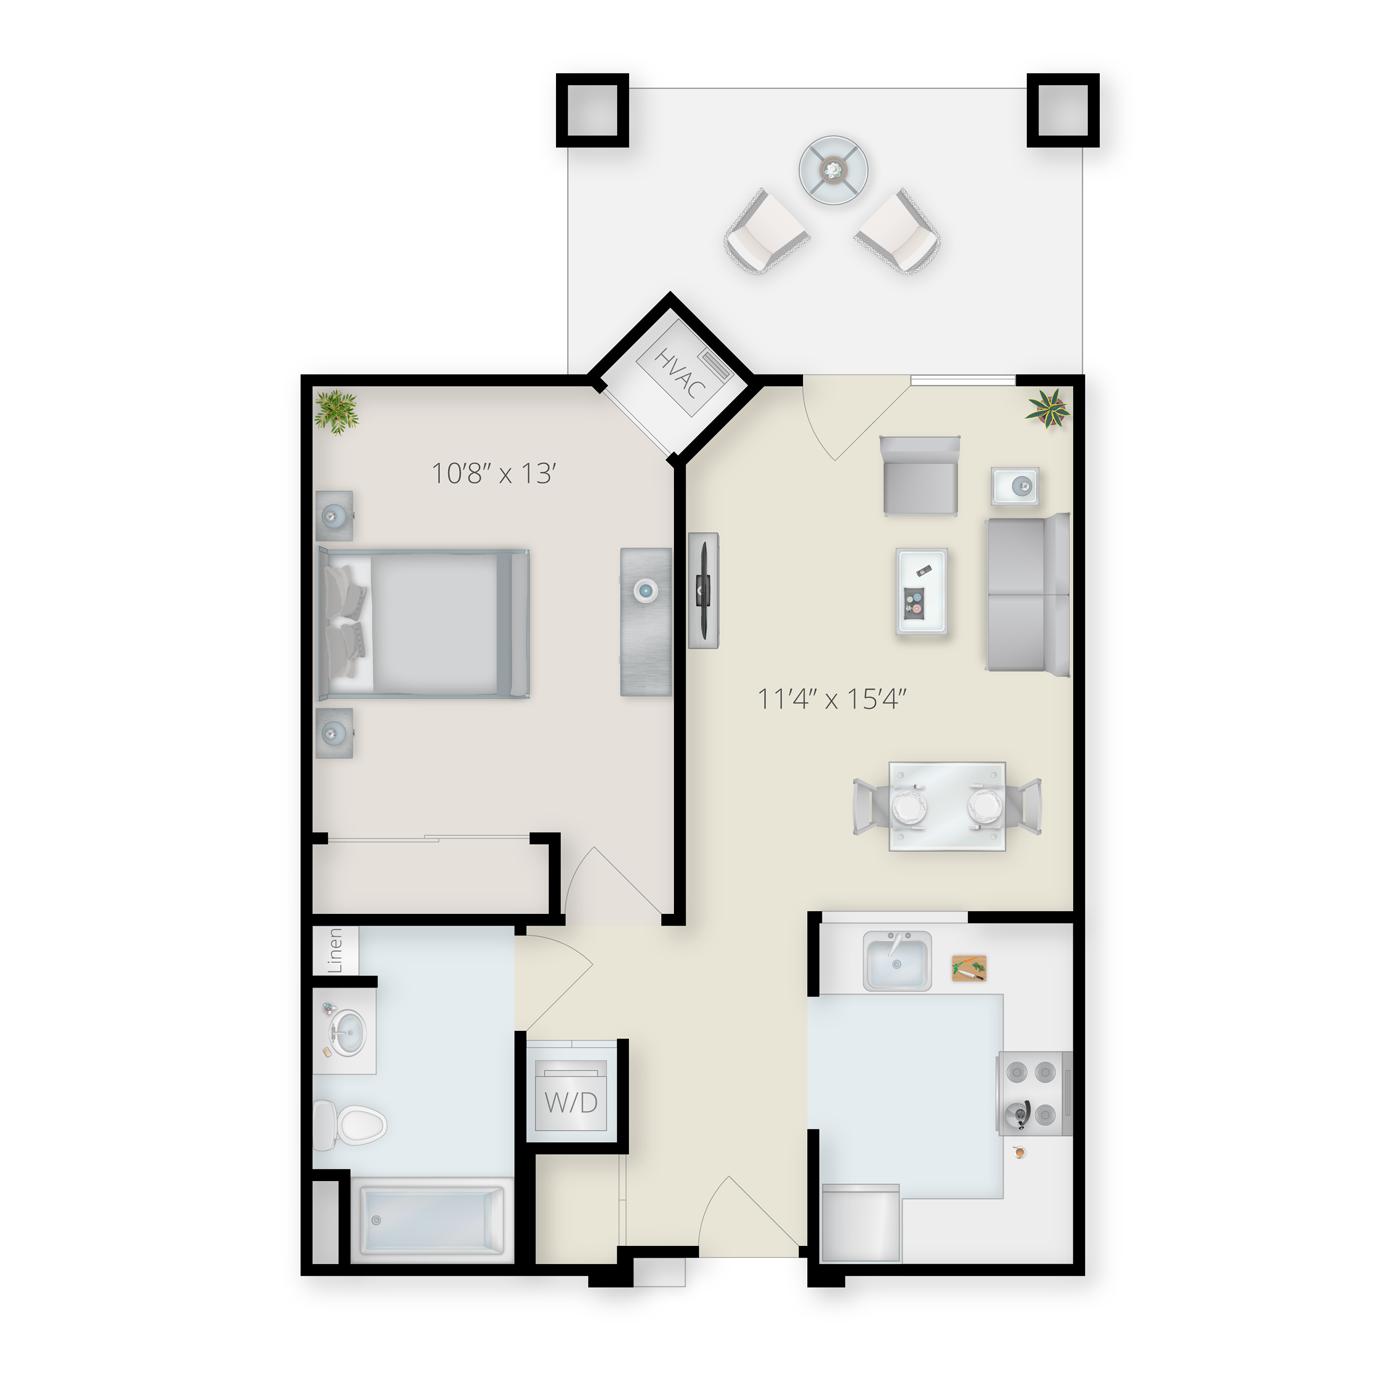 One Bedroom Traditional Floor Plan